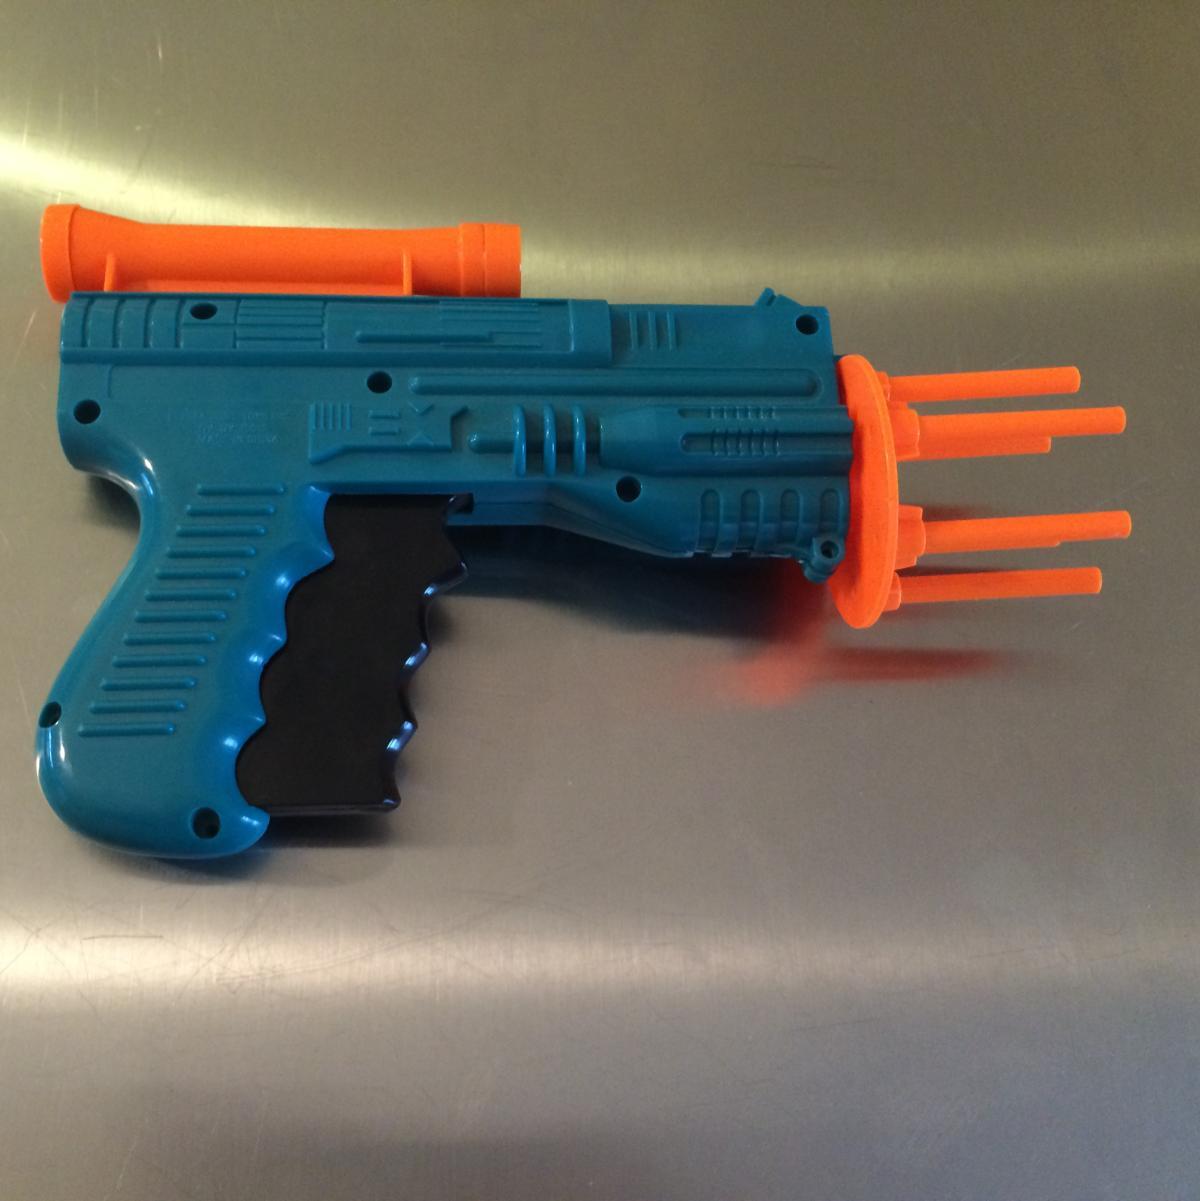 How to Convert a Paintball Gun Into a High Powered Nerf Gun